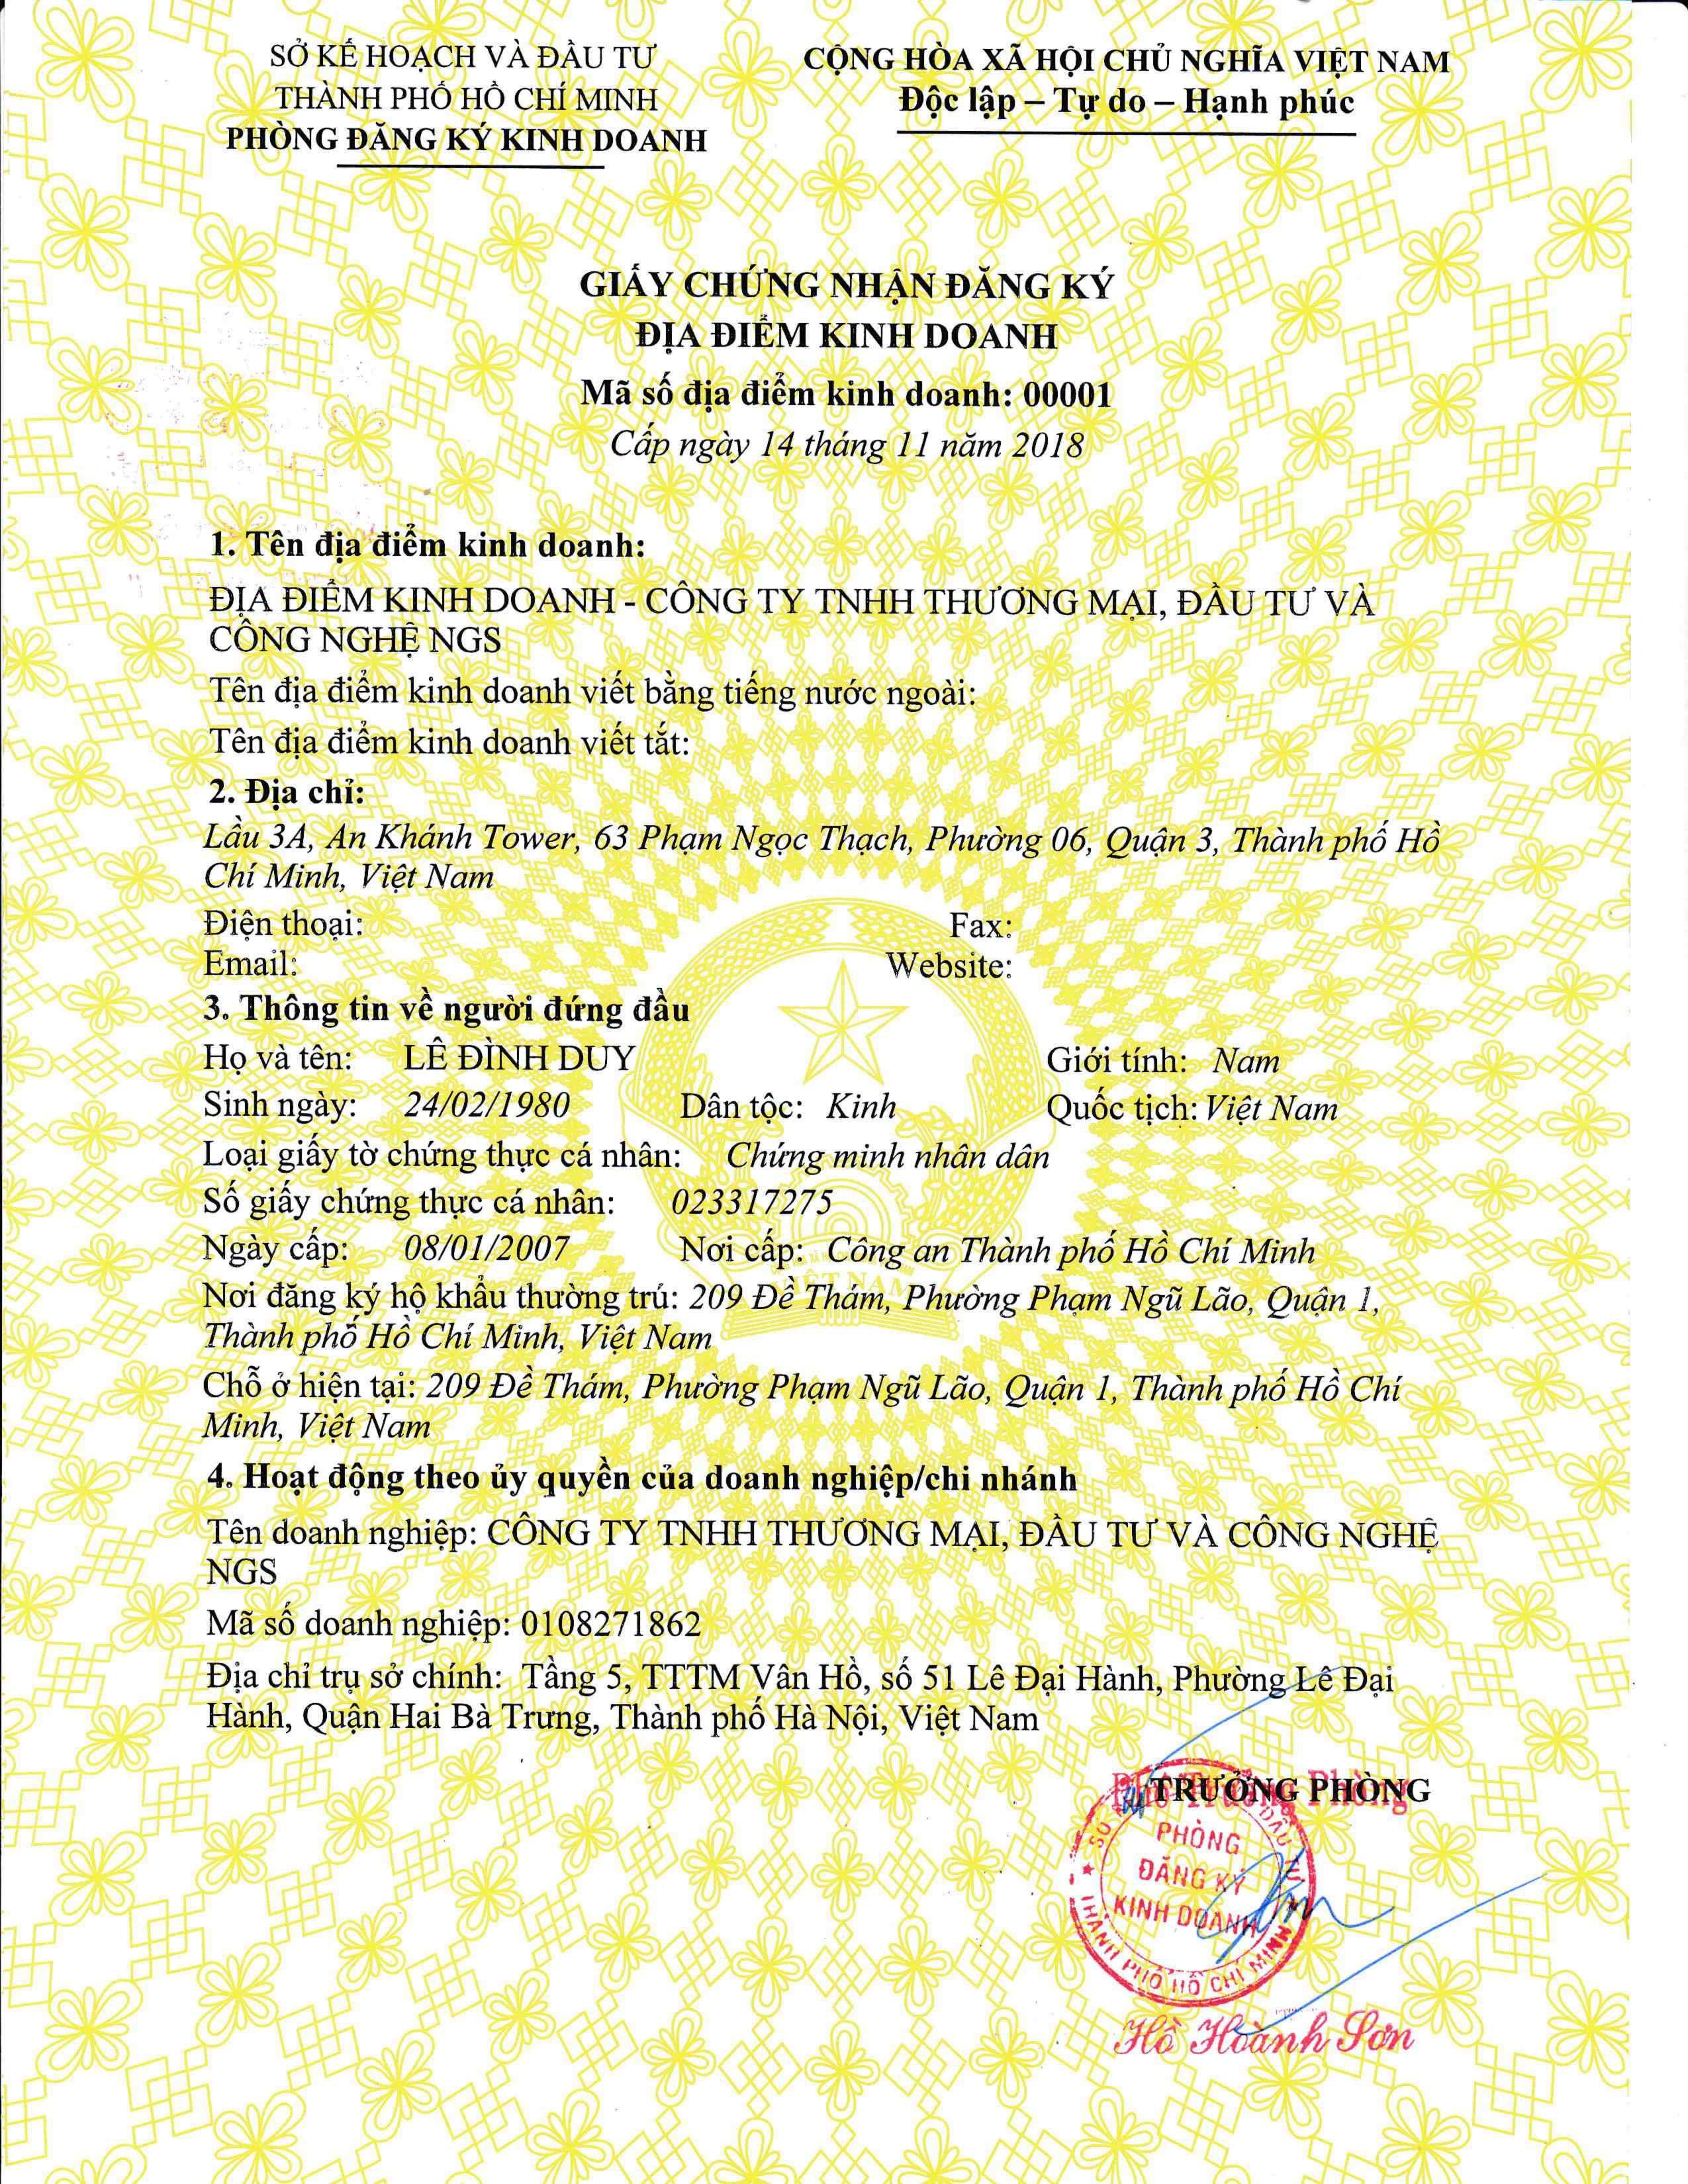 giấy đăng ký địa điểm kinh doanh